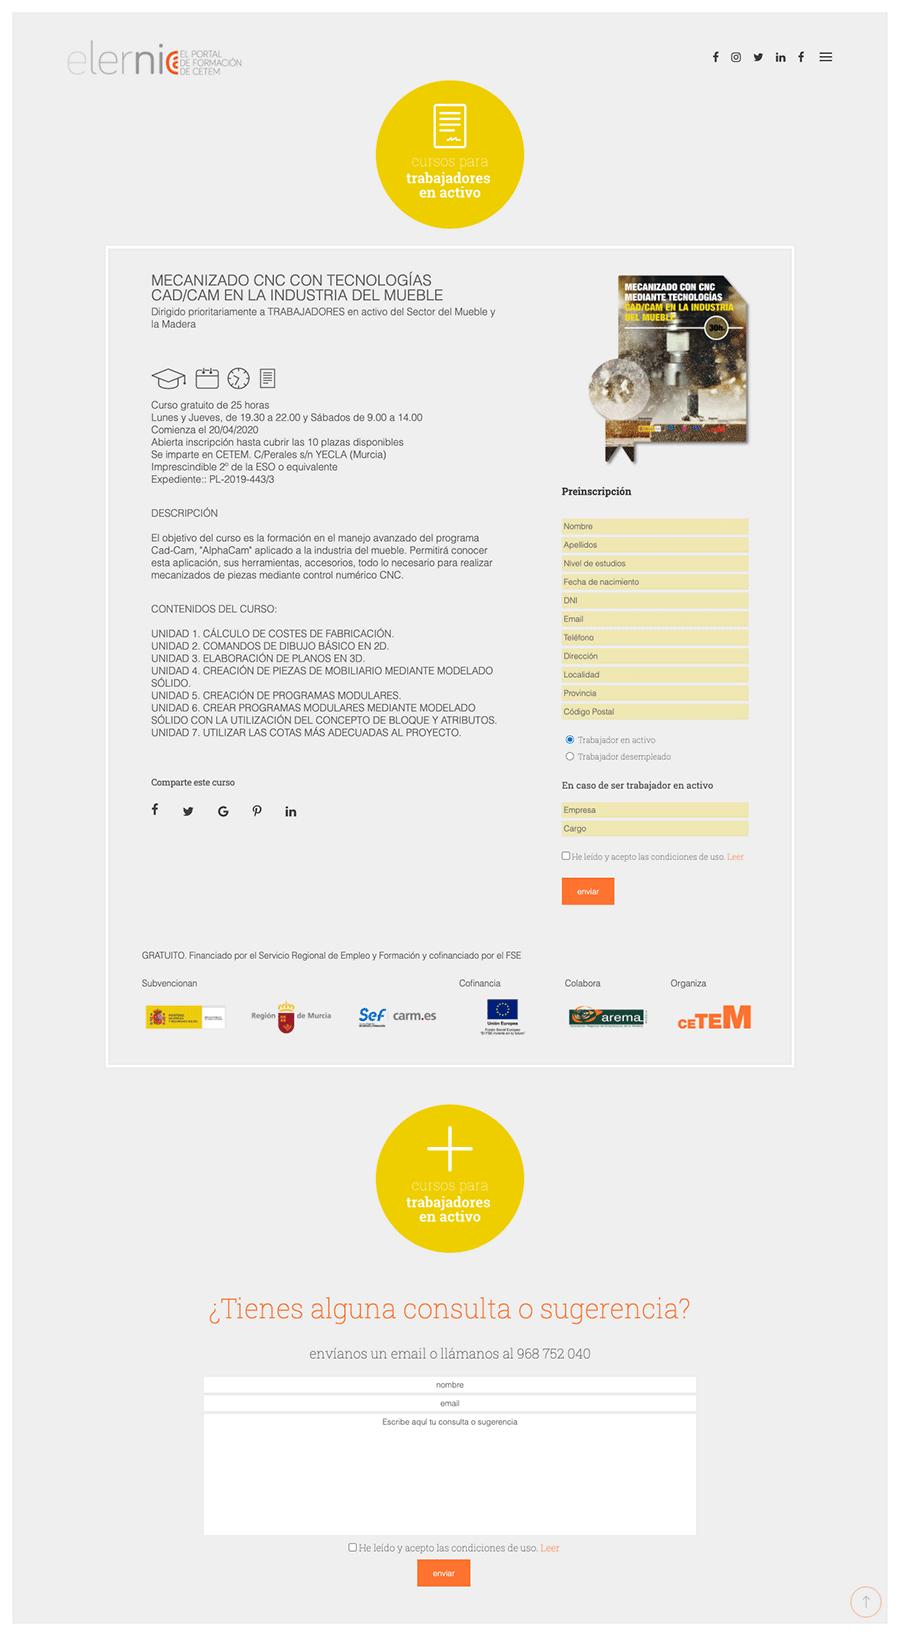 Página curso para trabajadores web elernia